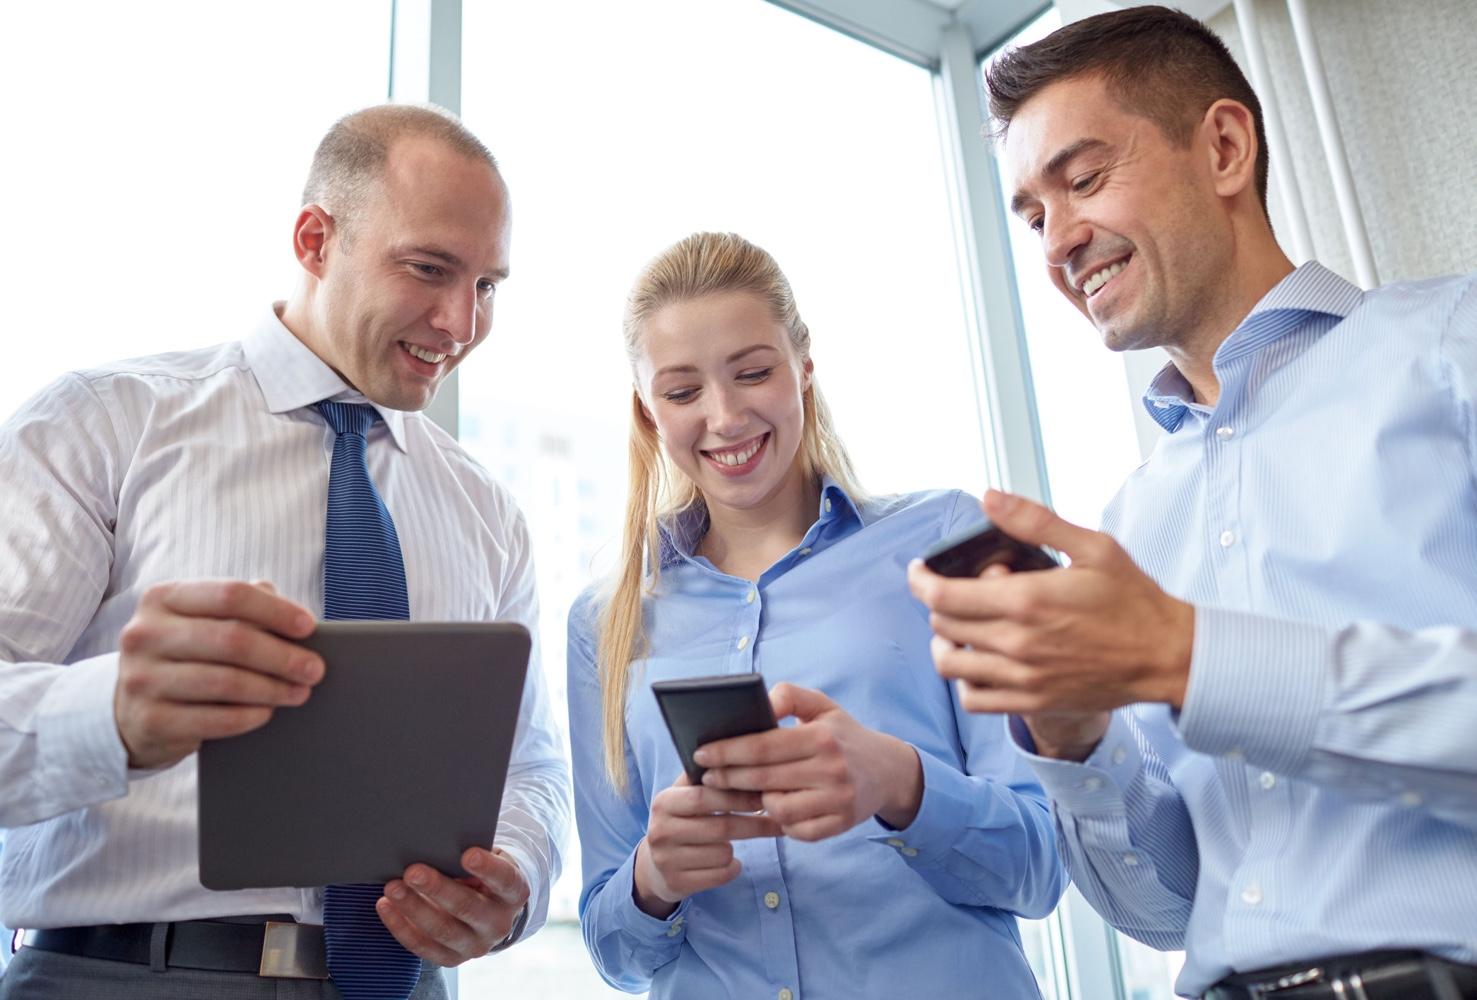 people-smiling-at-phones.jpg